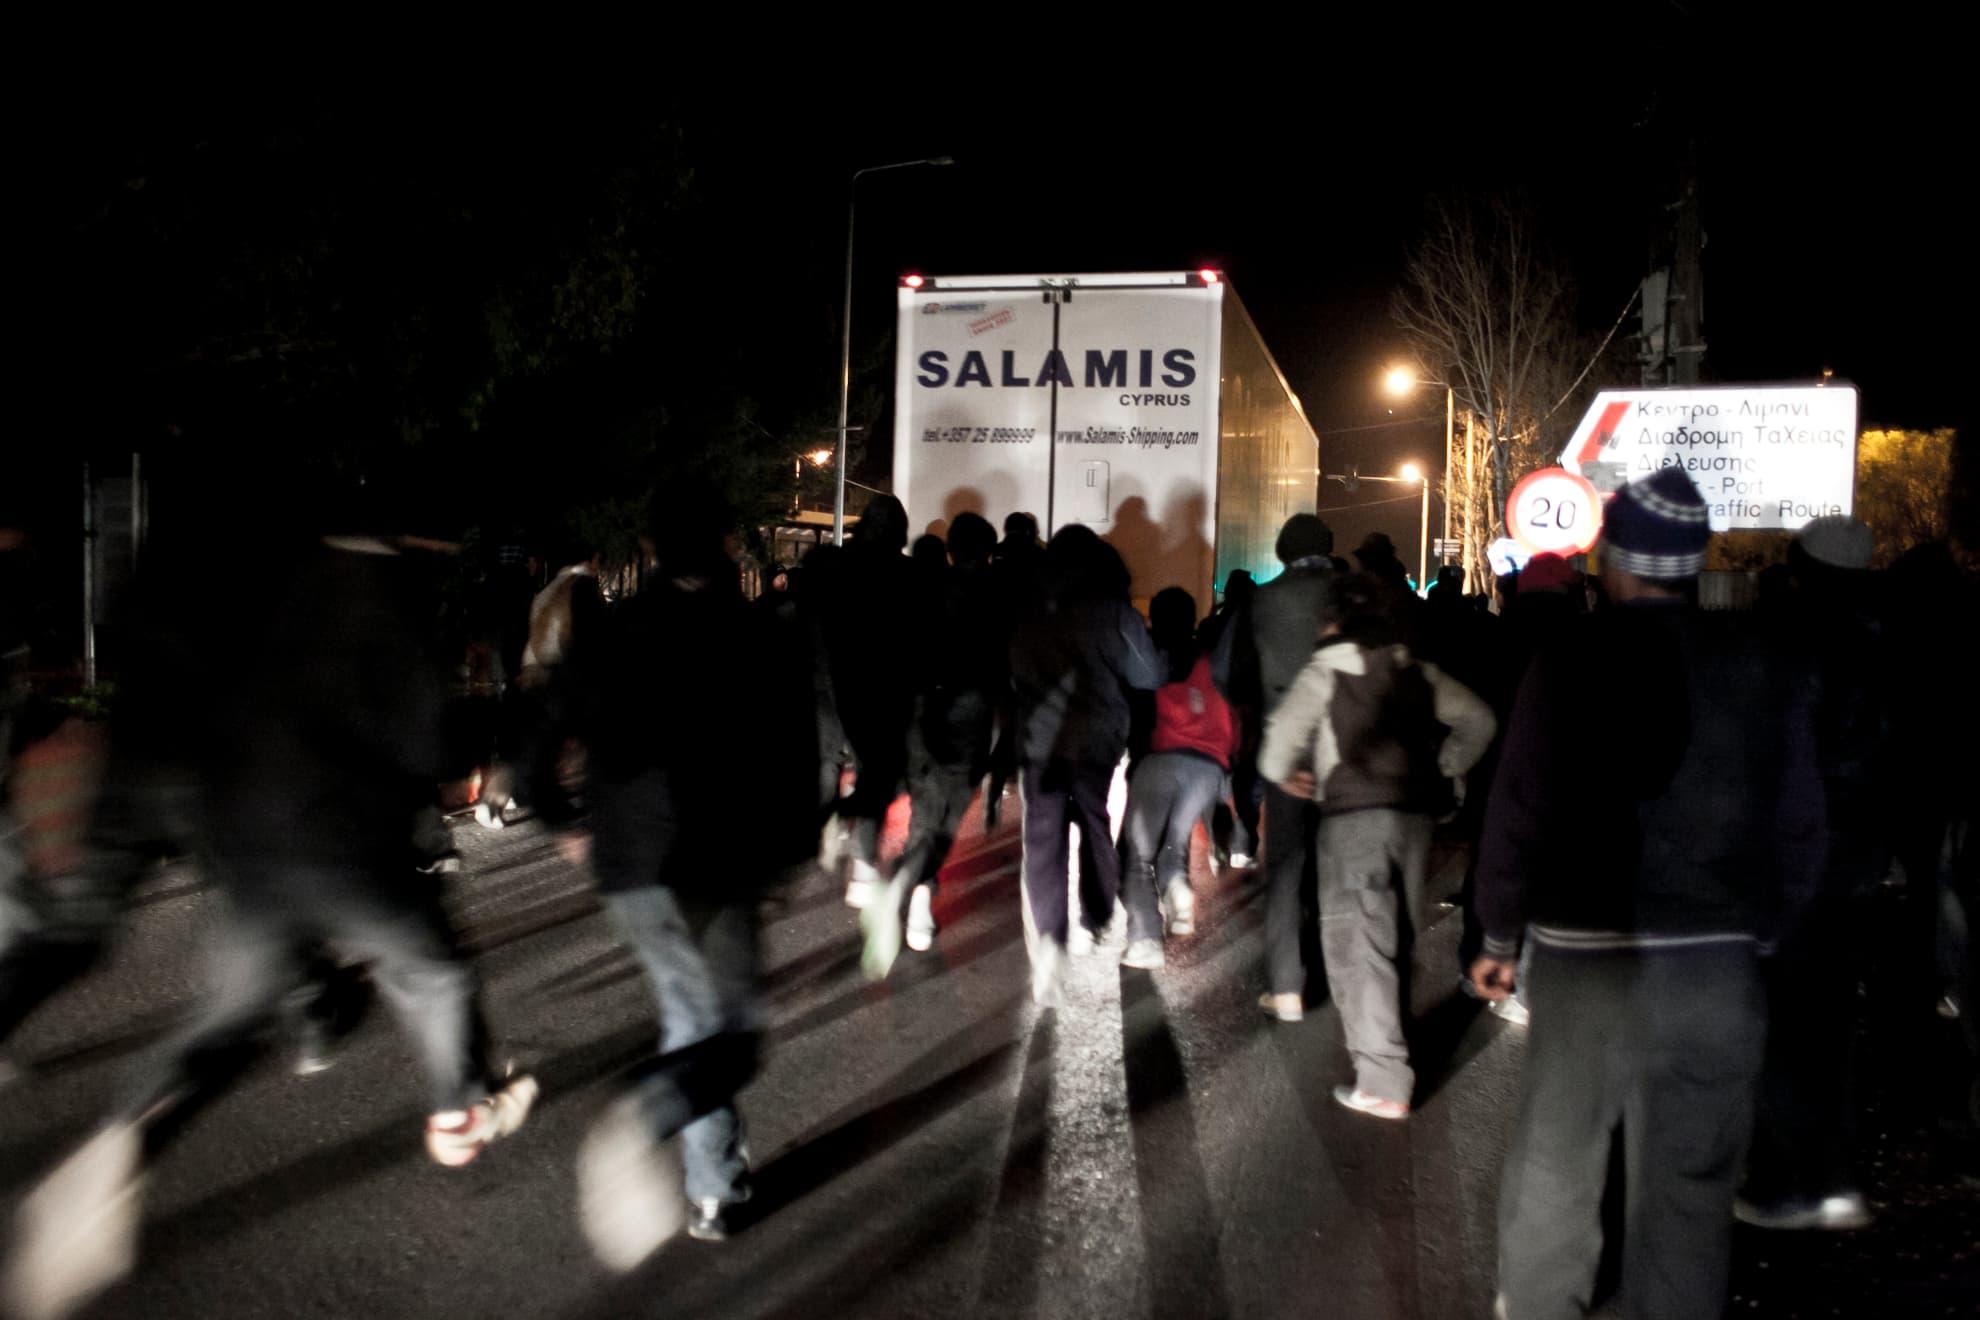 Cae la noche en las afueras de la ciudad de Patras y decenas de personas migrantes de todas las procedencias, muchas de ellas menores de edad, intentan abordar un camión de mercancías. Presumen que embarcará en la bodega de un ferry con destino a Italia y están dispuestas a arriesgar su vida para tener una oportunidad. Si consiguiesen colarse en el navío, aún deberían sortear los controles portuarios y sobrevivir en su escondite. El viaje en barco dura en ocasiones hasta 27 horas y deben realizarlo sin comida ni agua y soportando en alta mar las bajas temperaturas del invierno europeo.